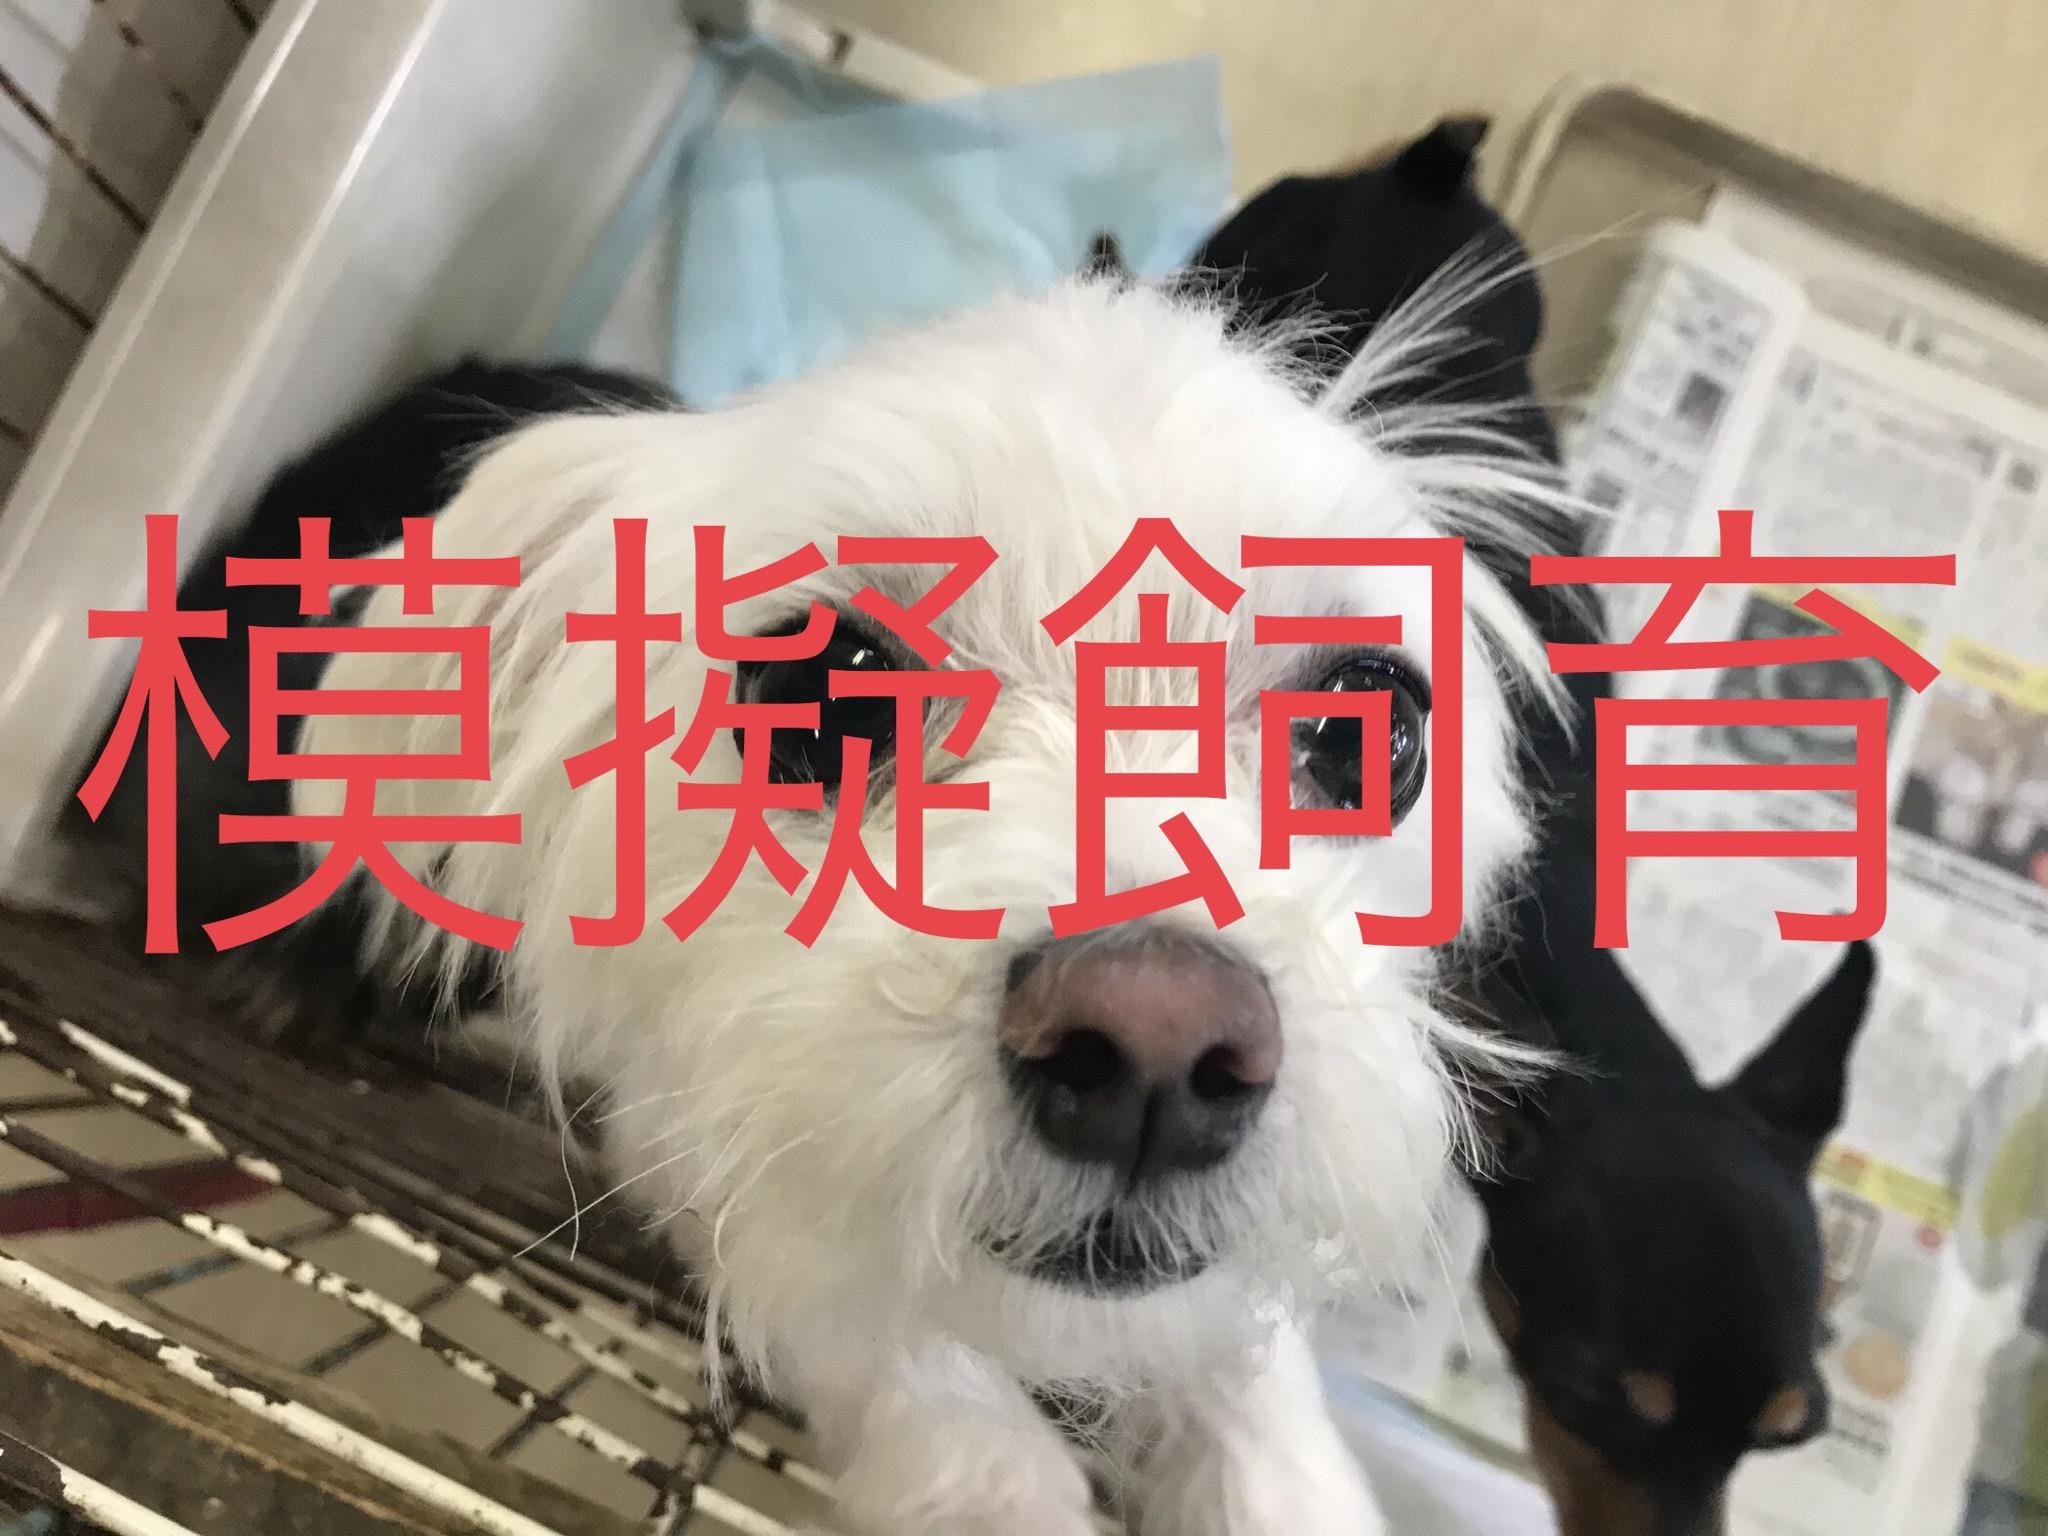 <ul> <li>犬種:マルチーズ</li> <li>性別:女の子</li> <li>名前:きなこ</li> <li>年齢:2015年5月</li> <li>保護経緯:飼い主様の諸事情のため飼育困難になりました</li> </ul>